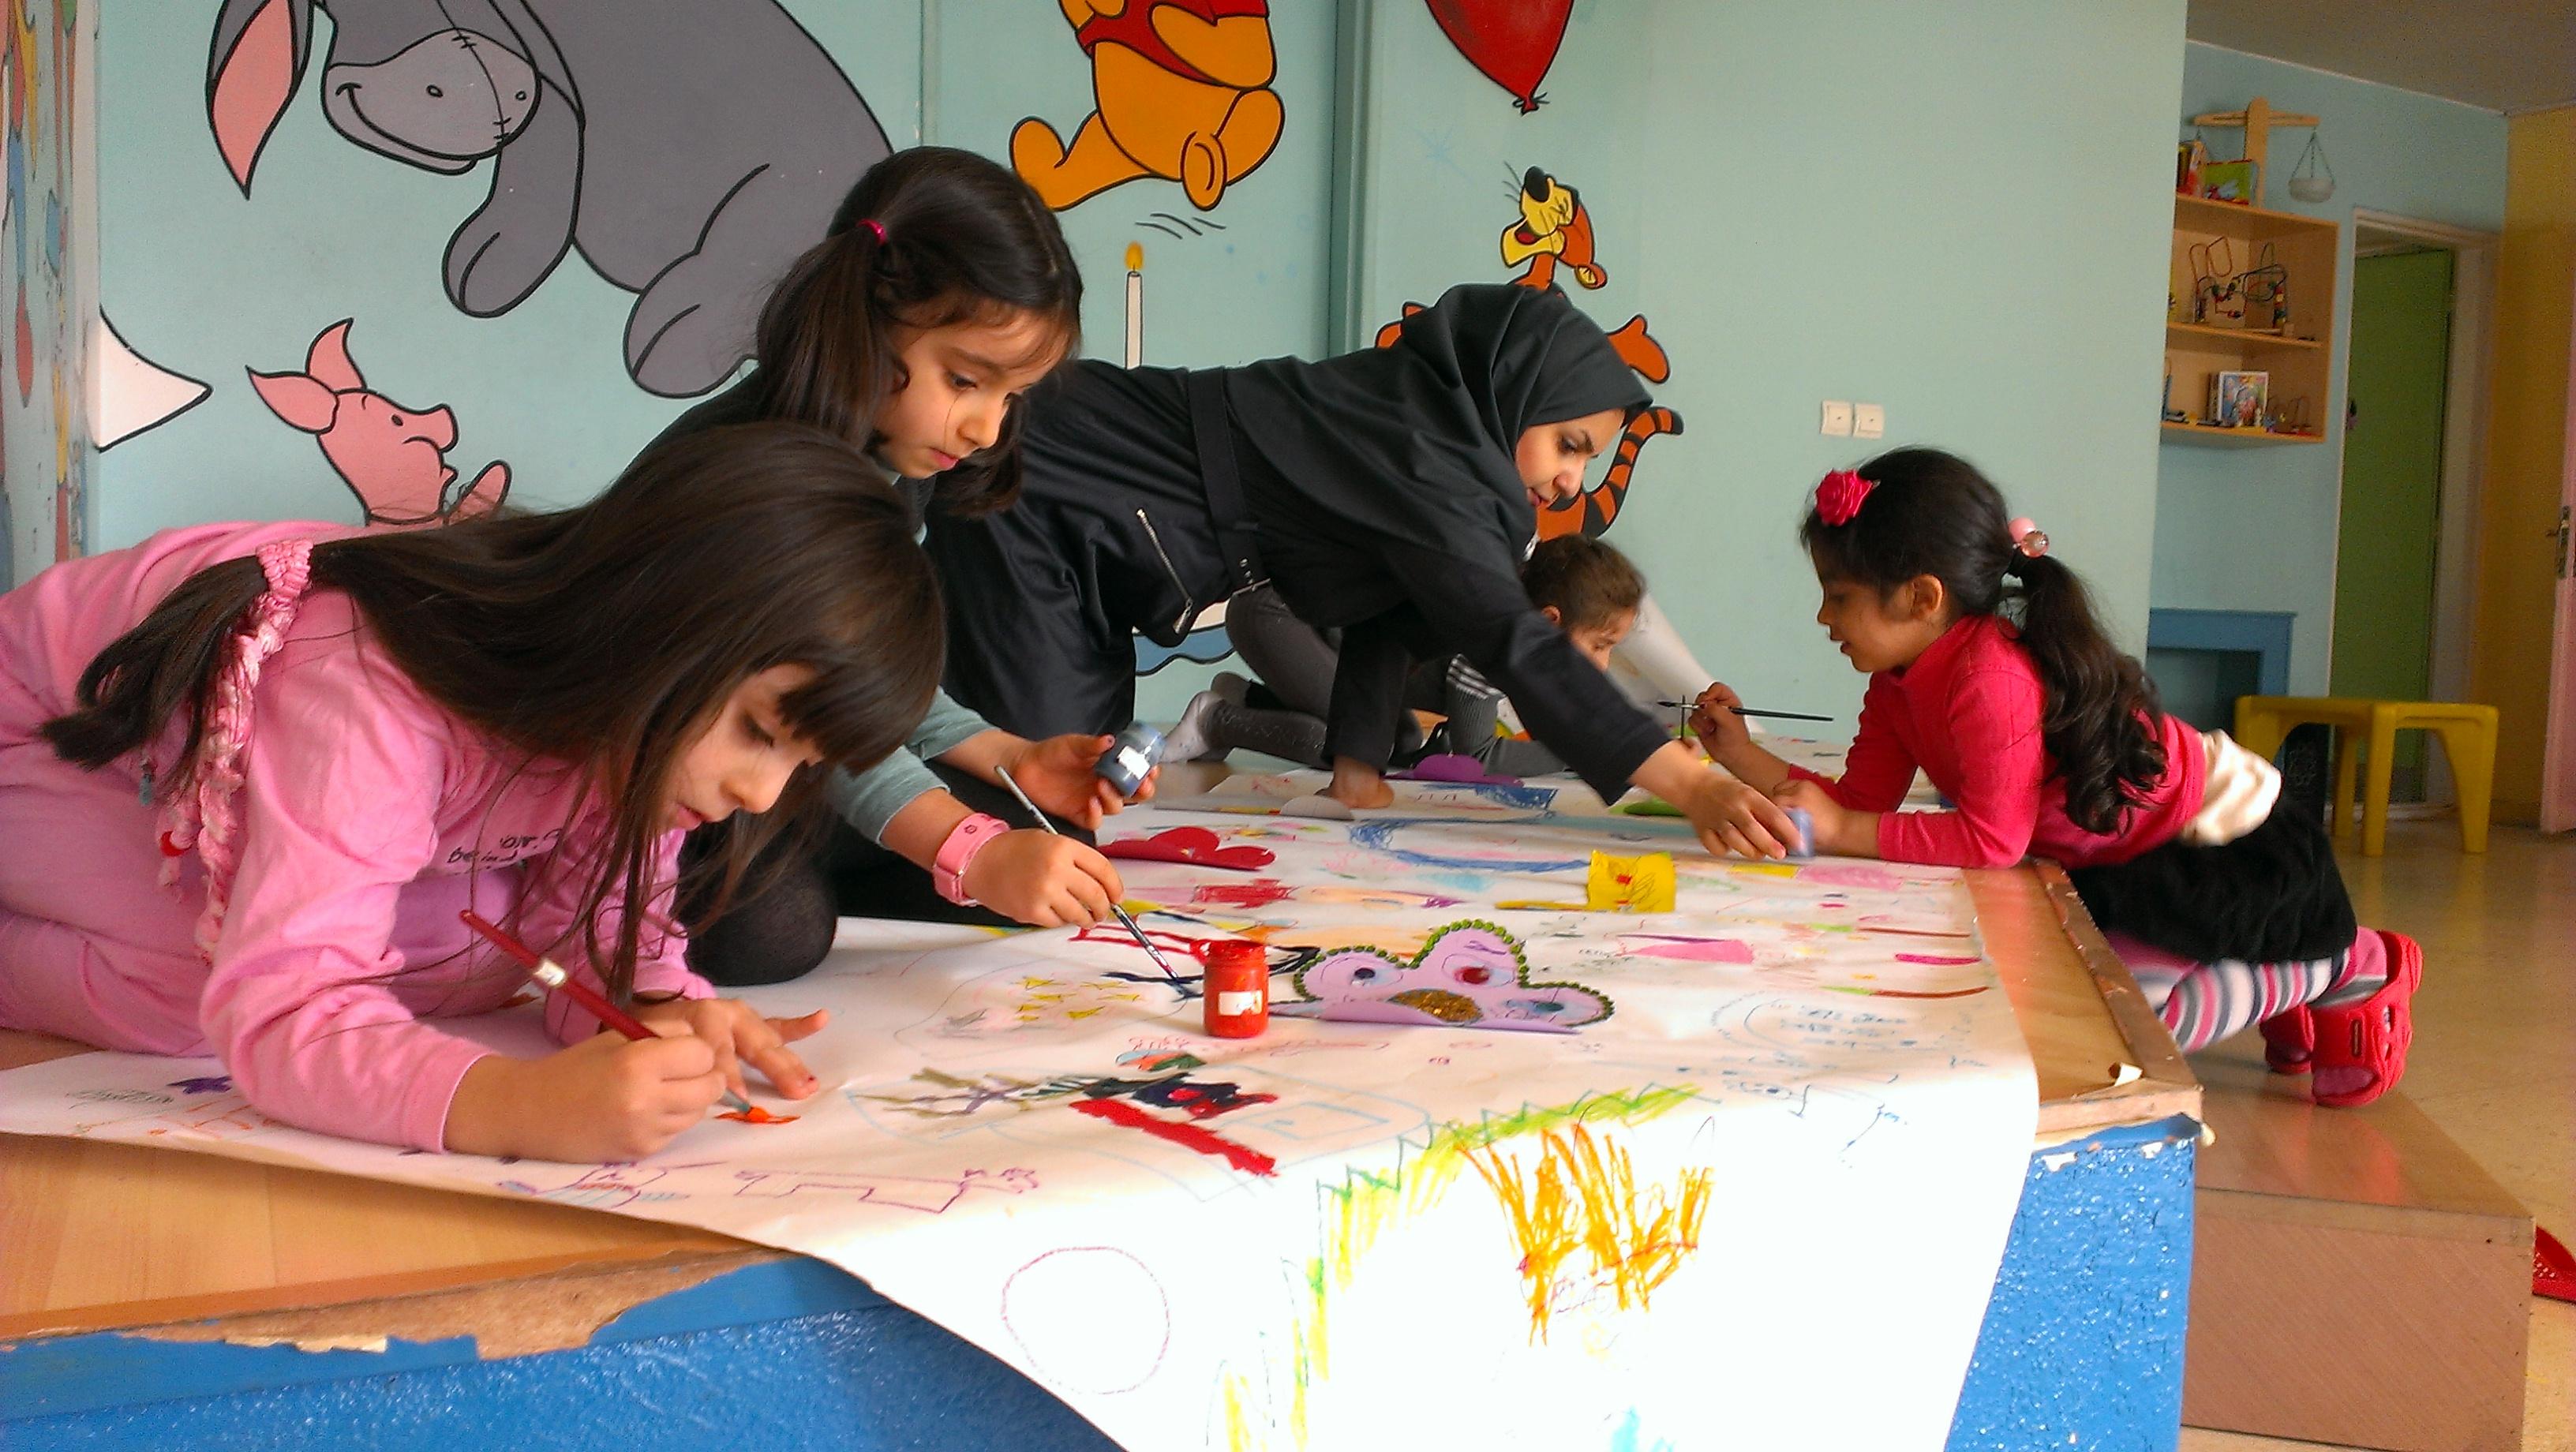 جایگاه کیفیت در توسعه آموزش پیش دبستانی